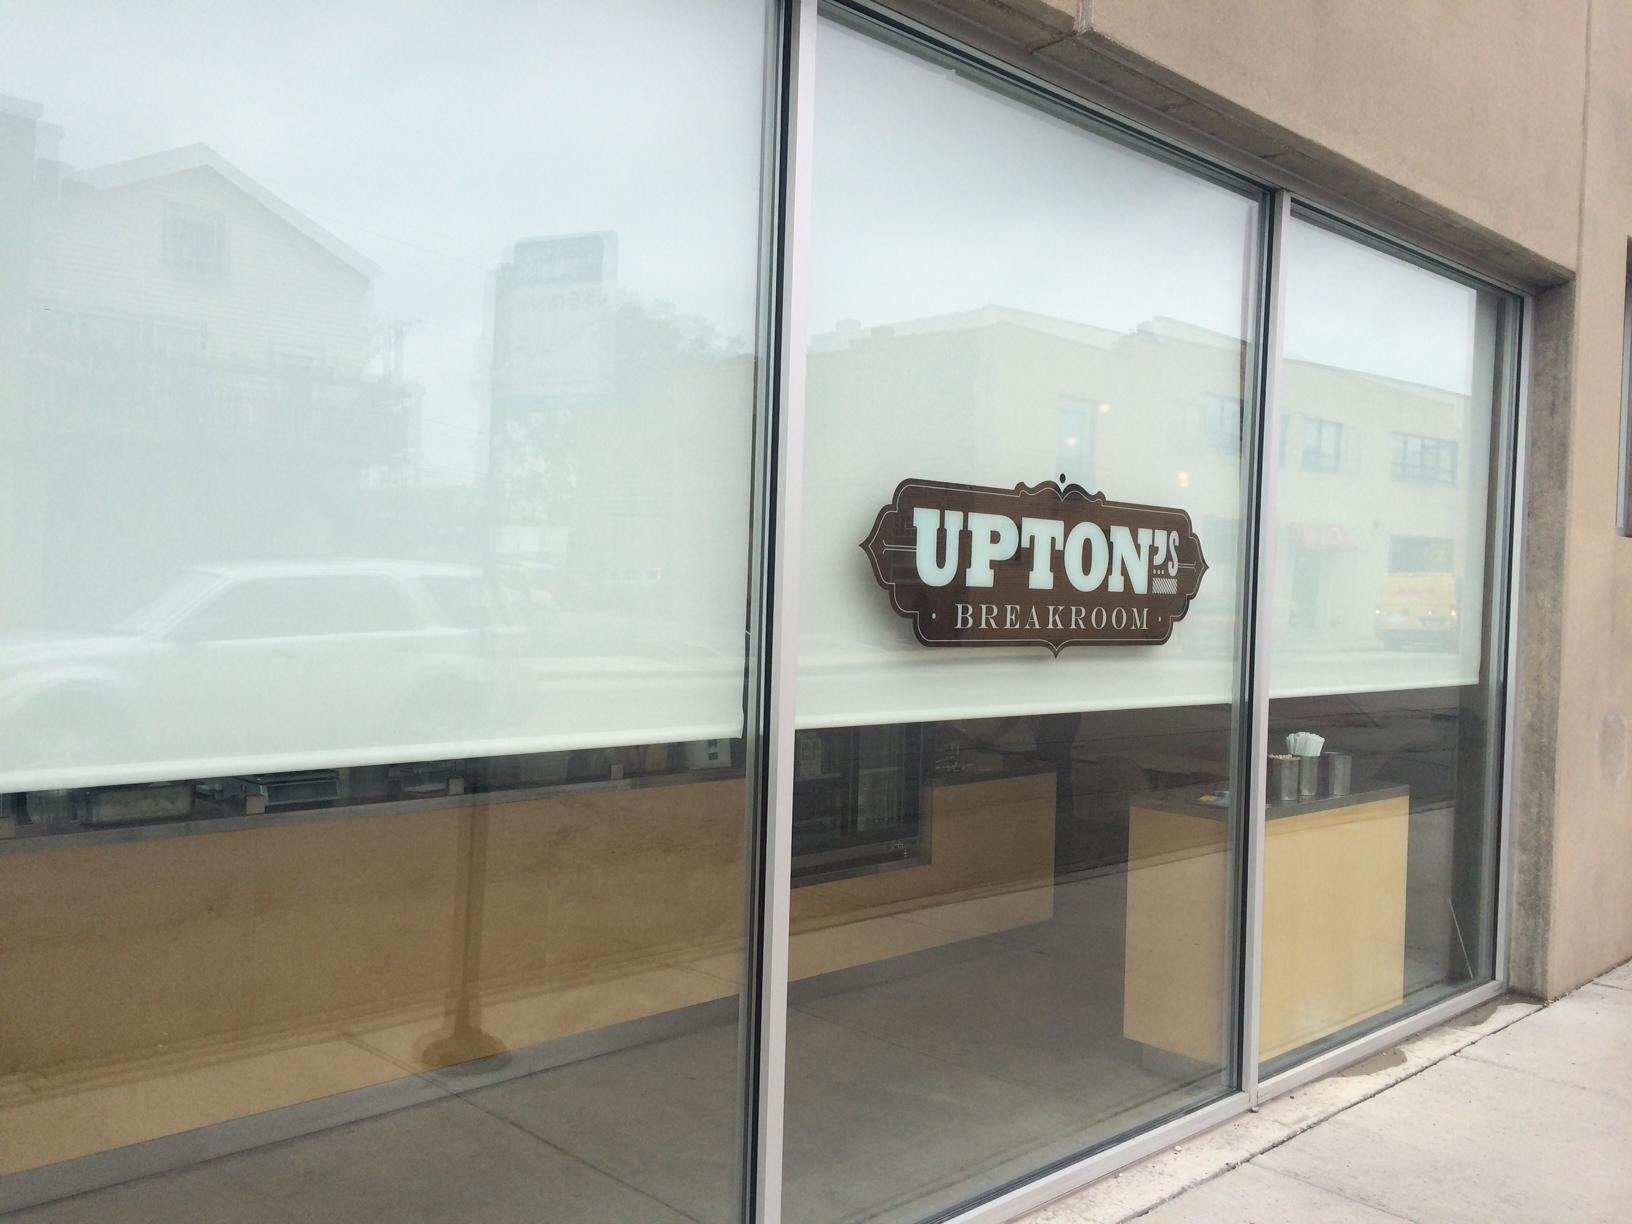 Upton's Breakroom